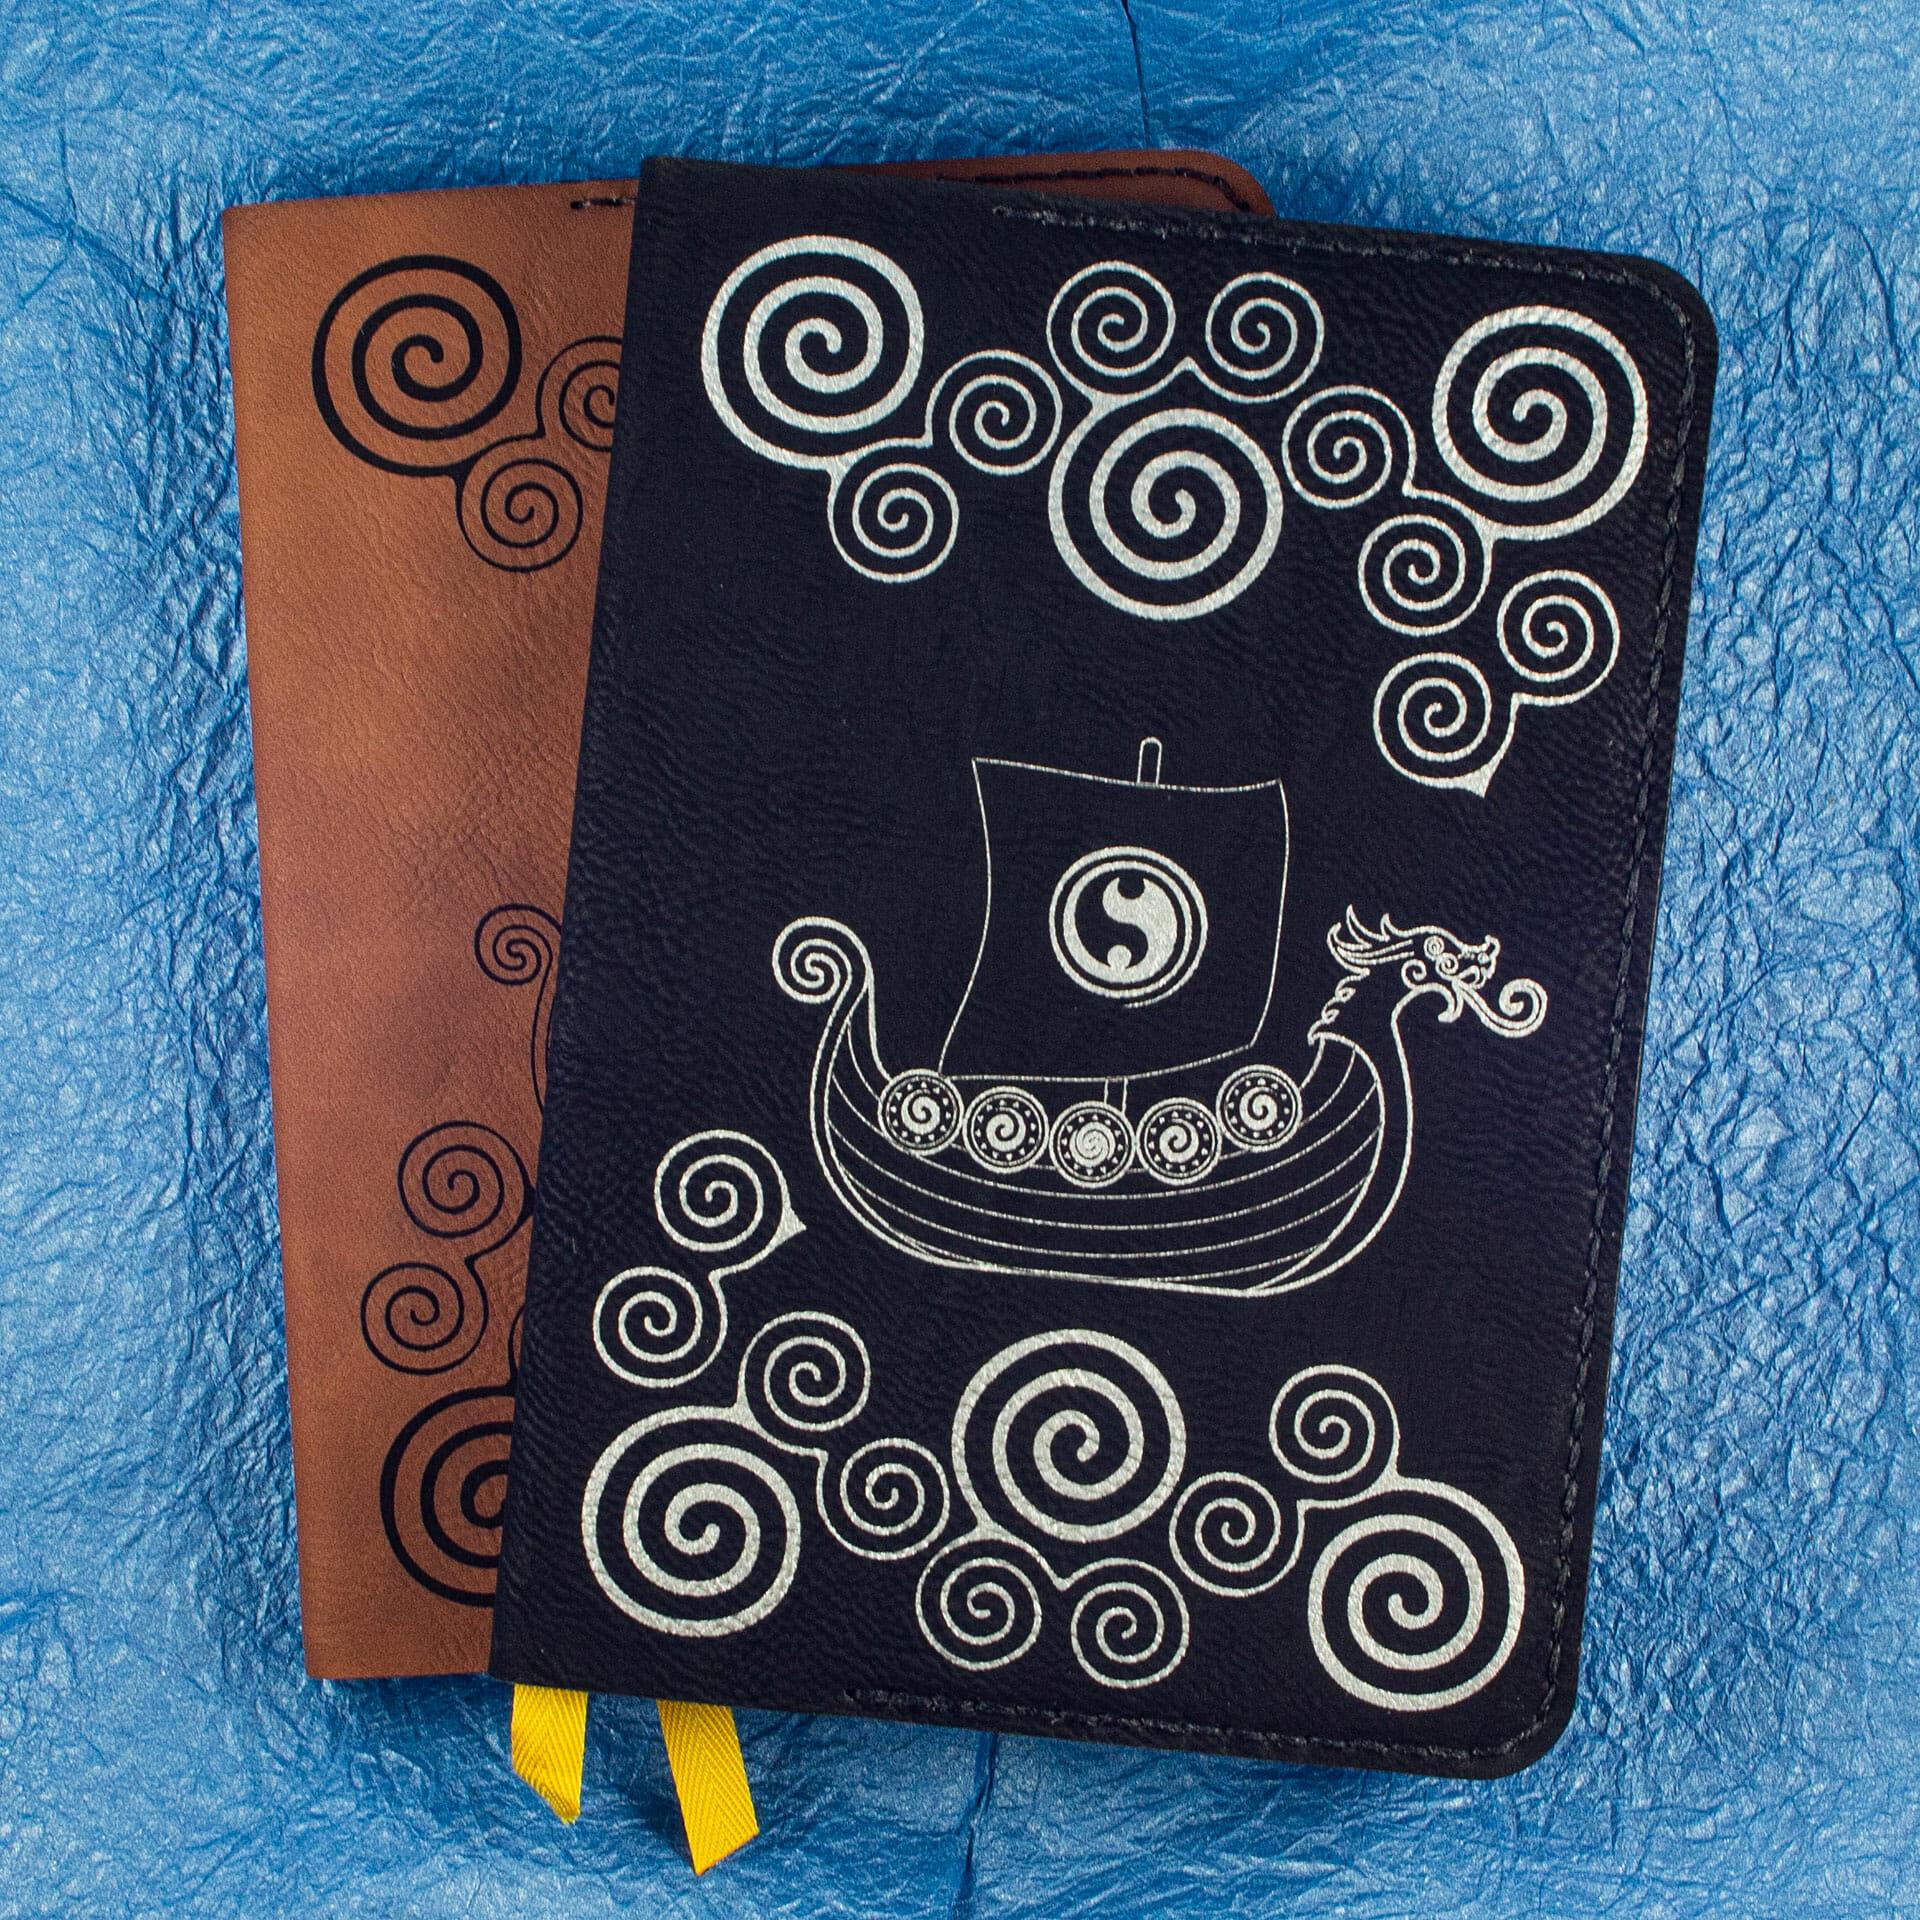 Viking Longship Design on Hardcover Notebooks (Black)